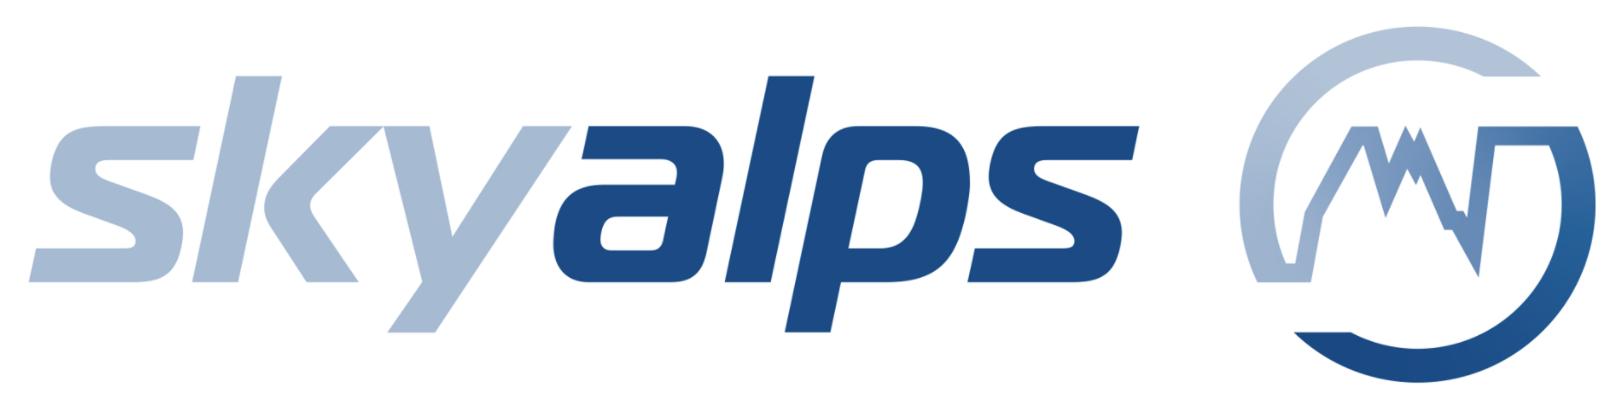 Sky Alps_Isologotype